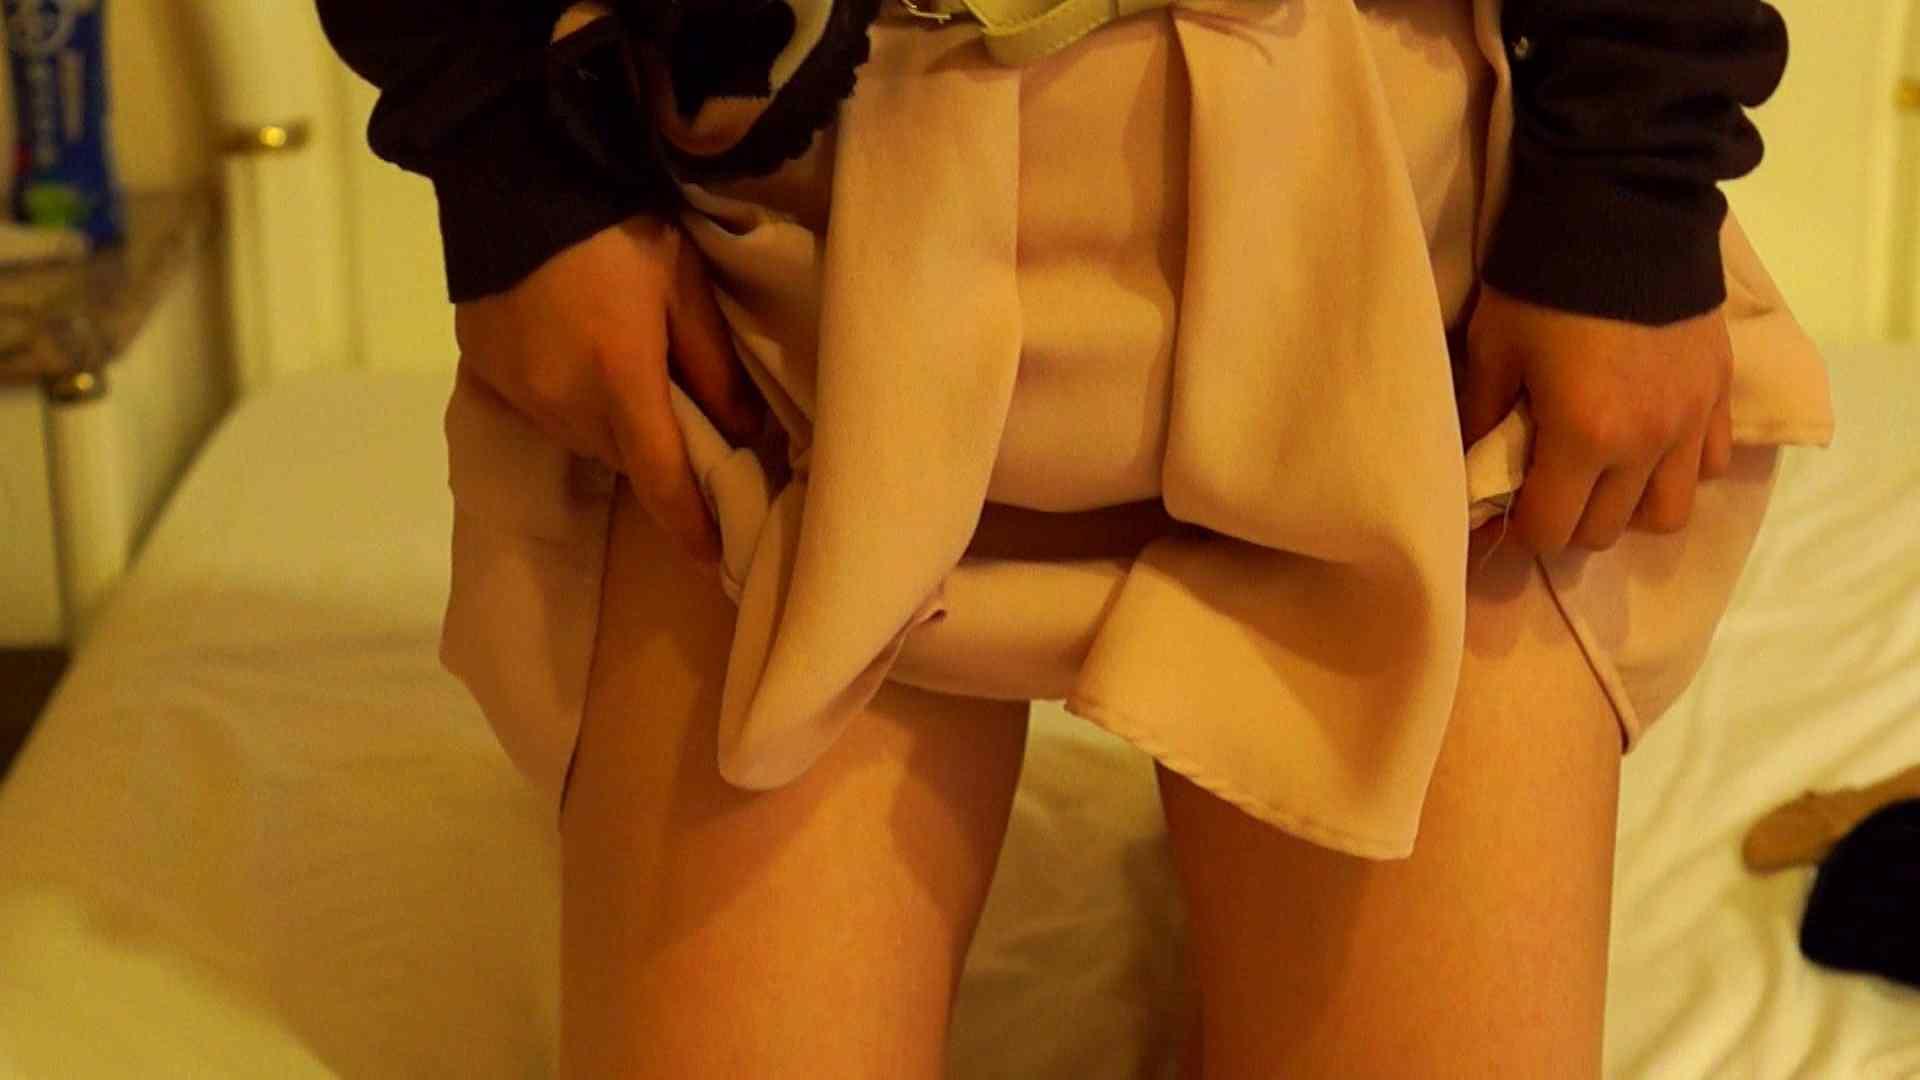 vol.11 瑞希ちゃんのパンチラサービス パンツ セックス画像 65枚